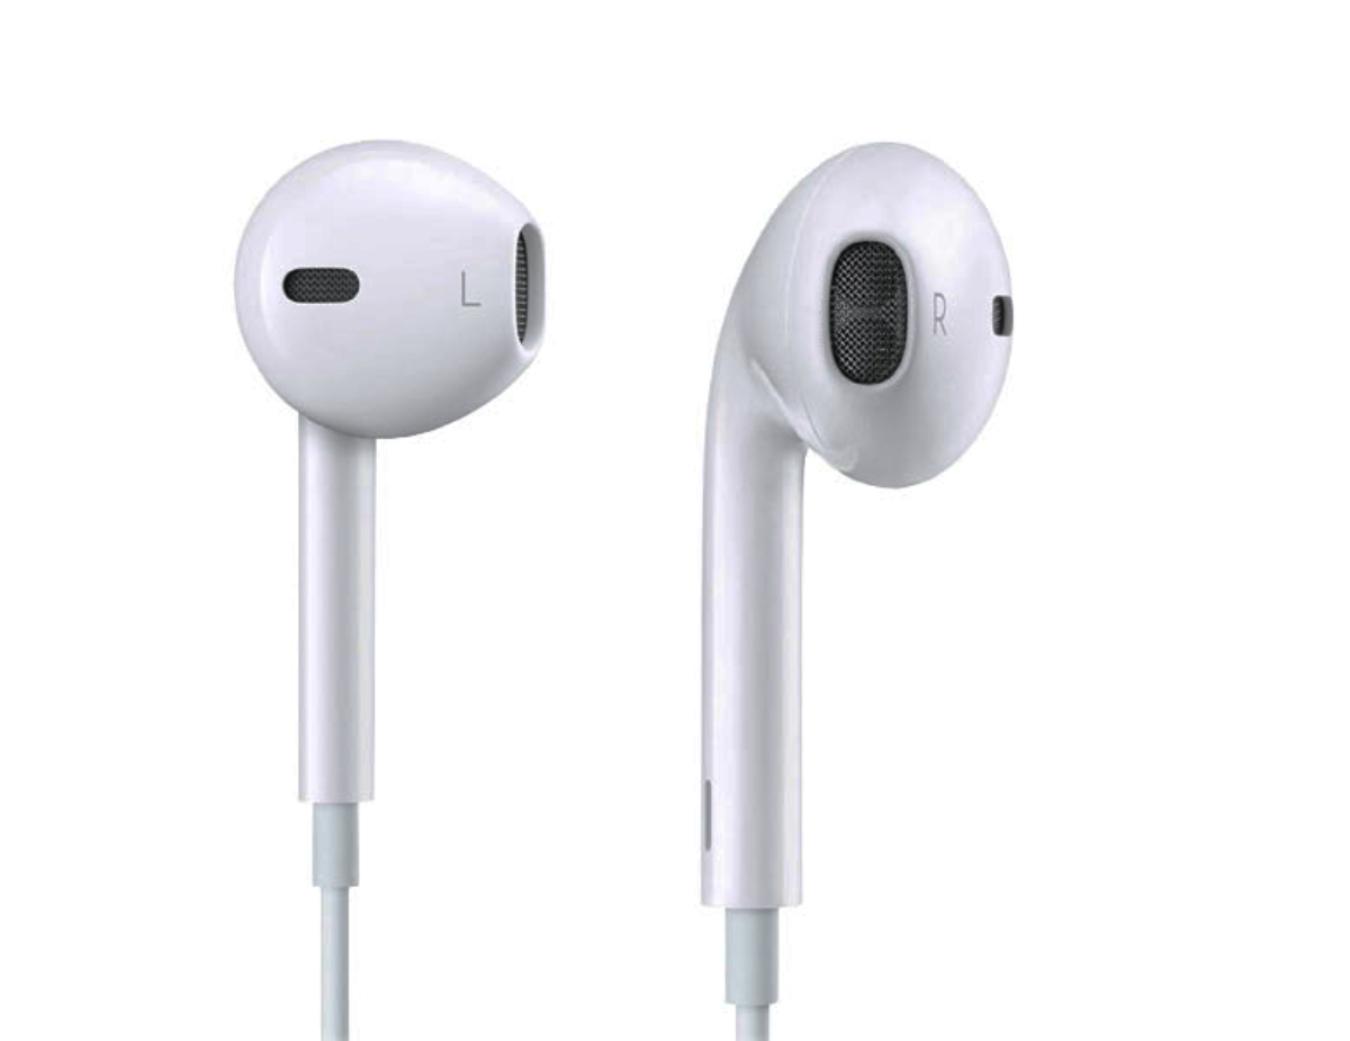 779cefd9728 Audifonos Apple Earpods Manos Libres iPhone Originales 3.5mm - D bazar